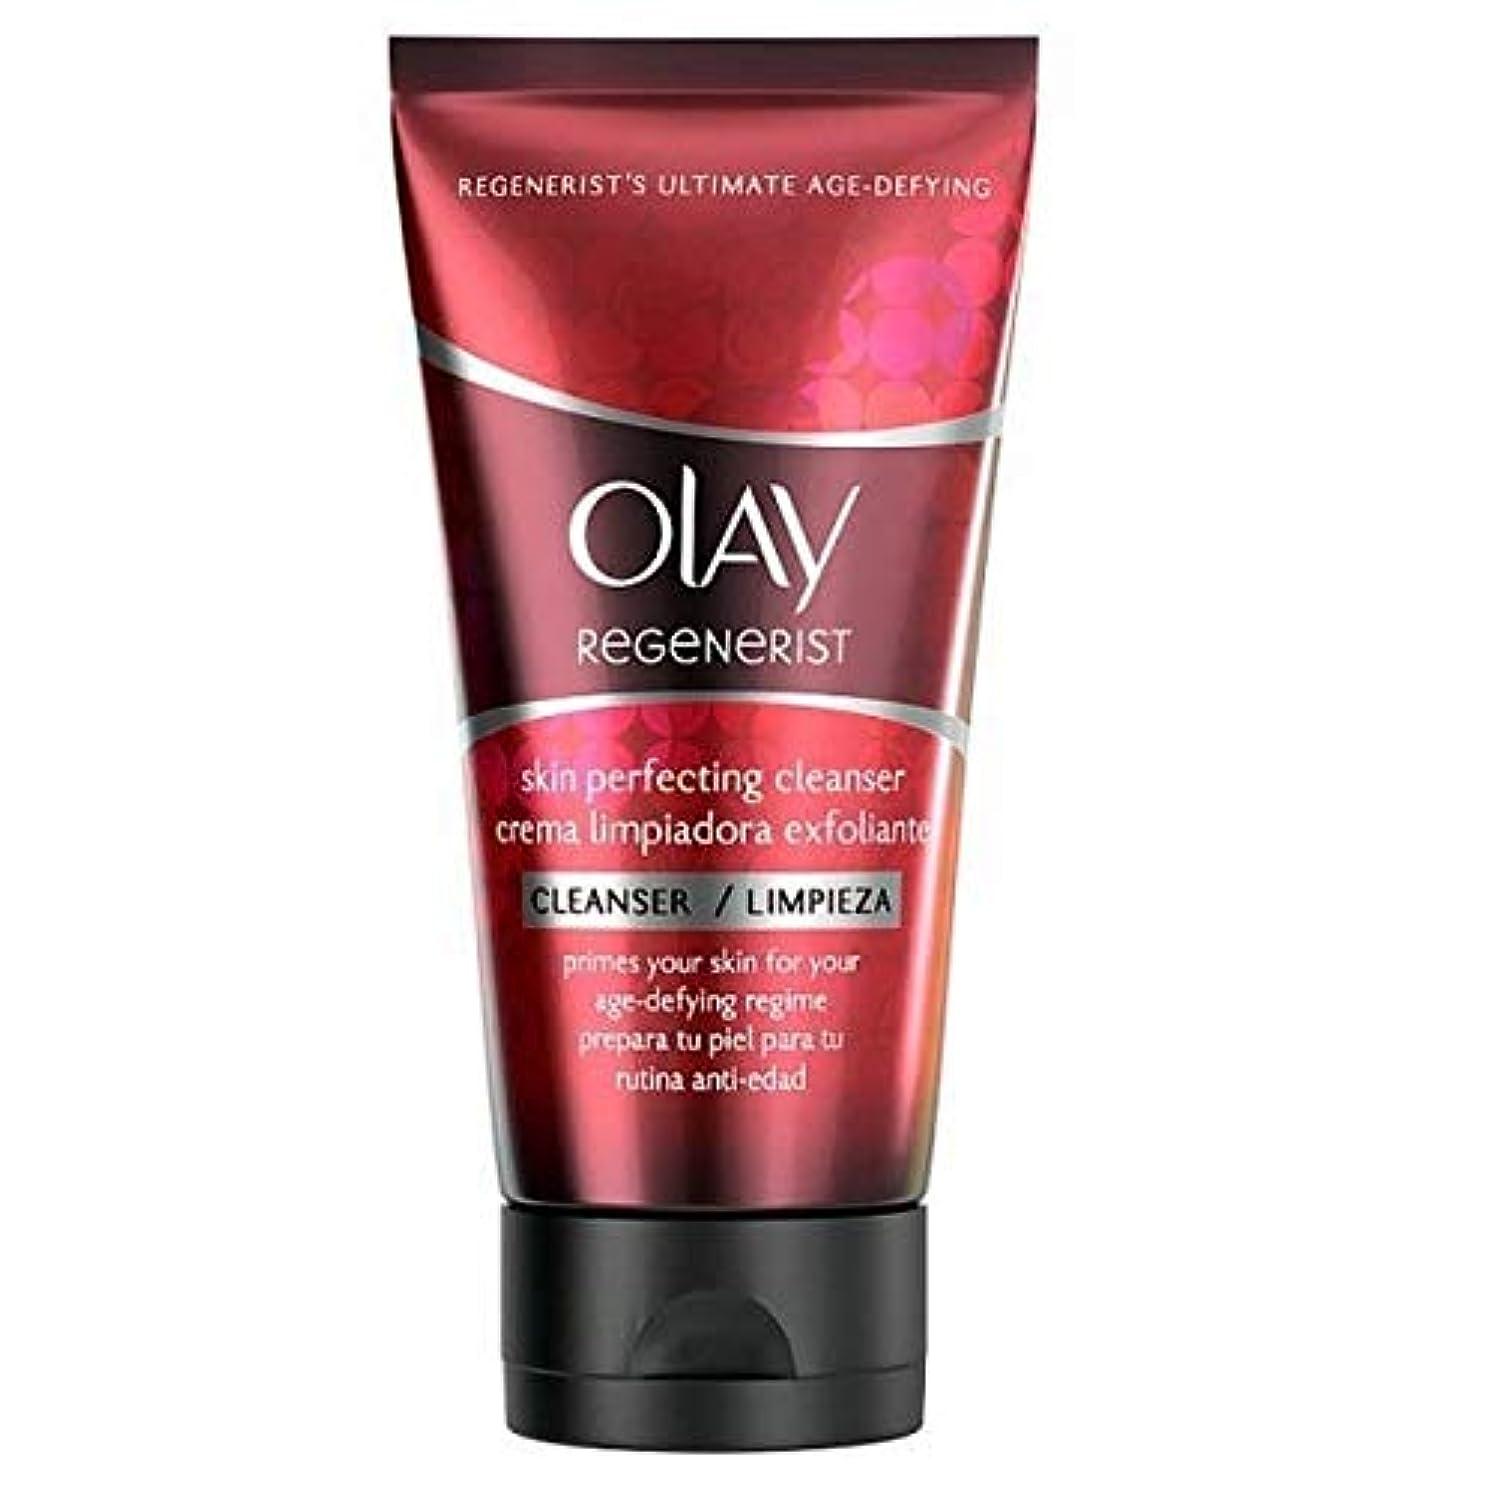 不利益収束する分注する[Olay ] クレンザーを完成オーレイリジェネスキン - Olay Regenerist Skin Perfecting Cleanser [並行輸入品]